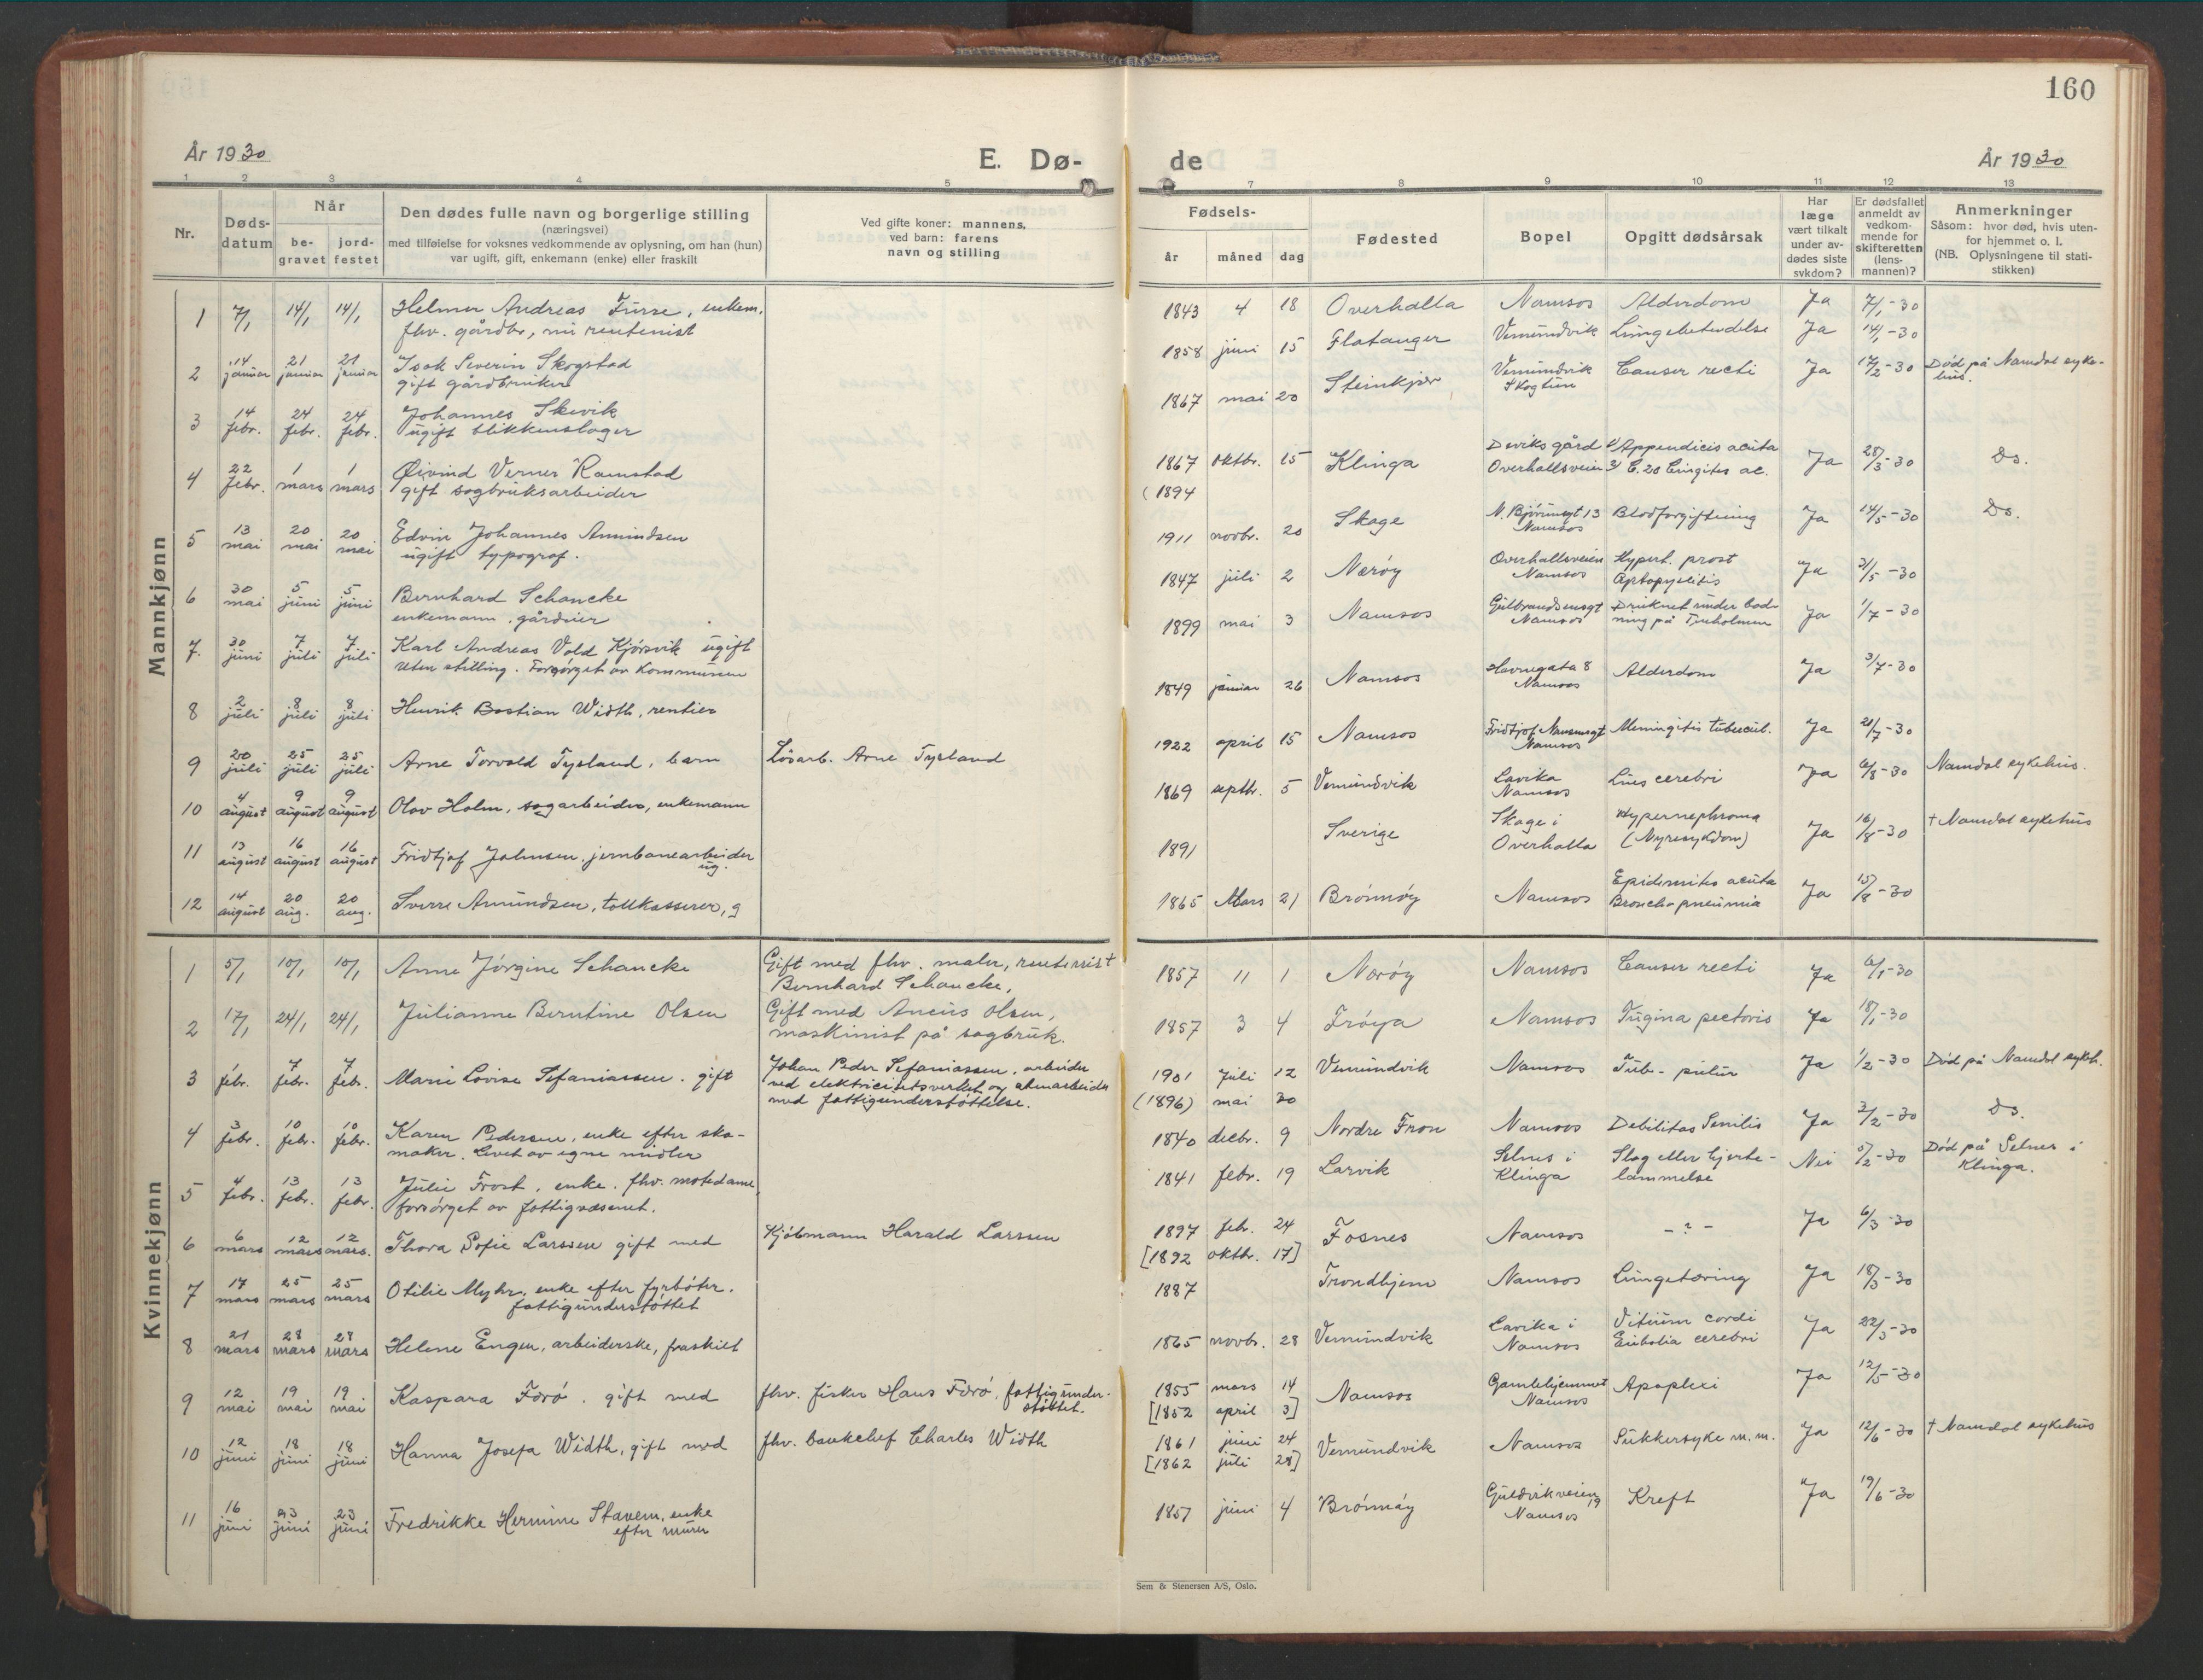 SAT, Ministerialprotokoller, klokkerbøker og fødselsregistre - Nord-Trøndelag, 768/L0583: Klokkerbok nr. 768C01, 1928-1953, s. 160